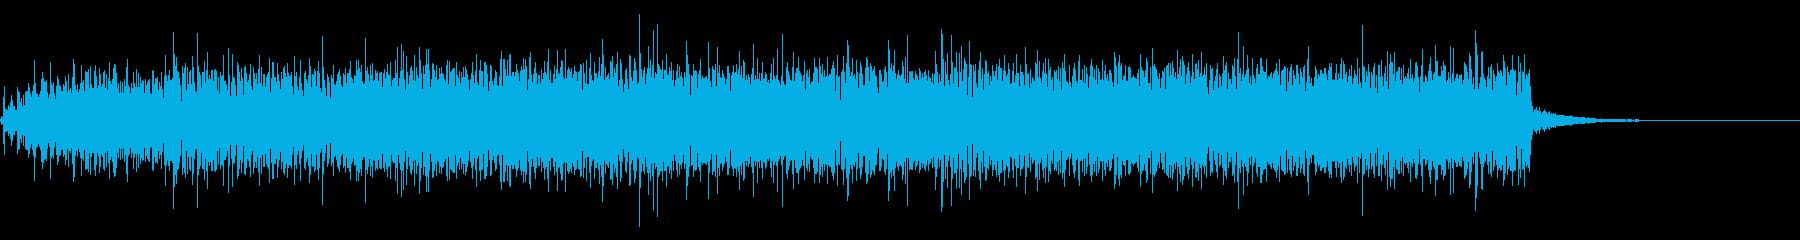 古いムービープロジェクターの回転音+Fxの再生済みの波形